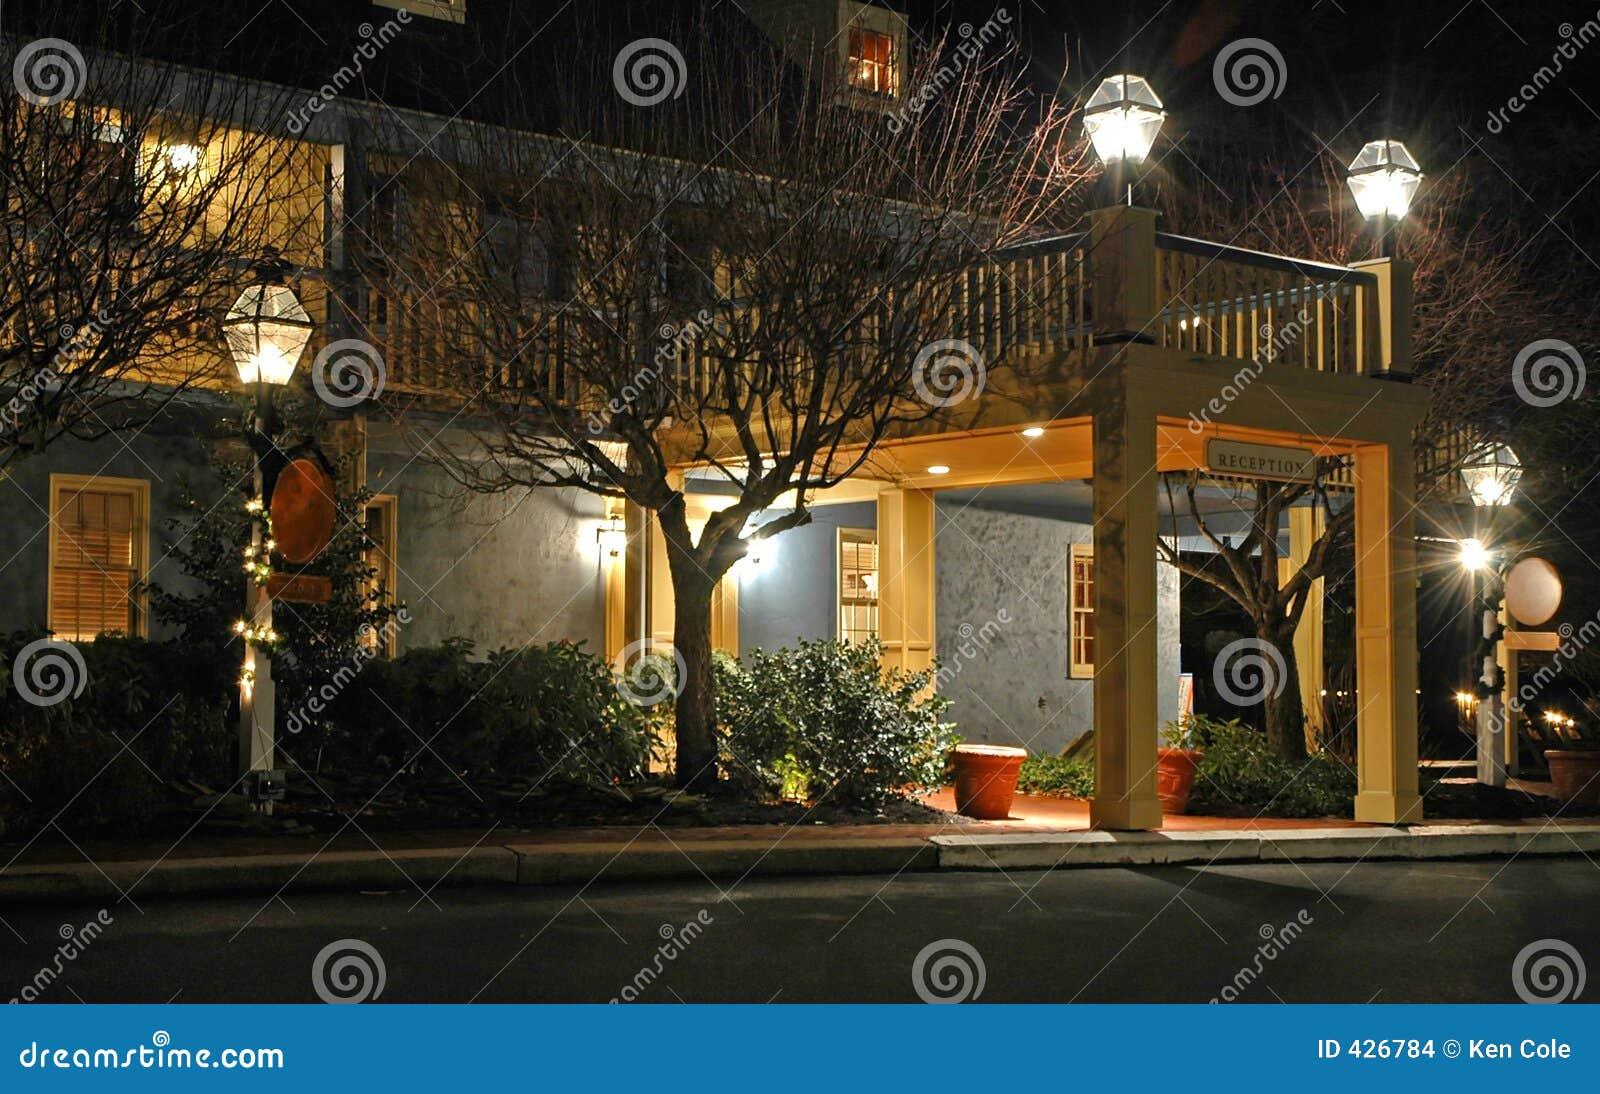 Centro de conferencias en la noche - 3